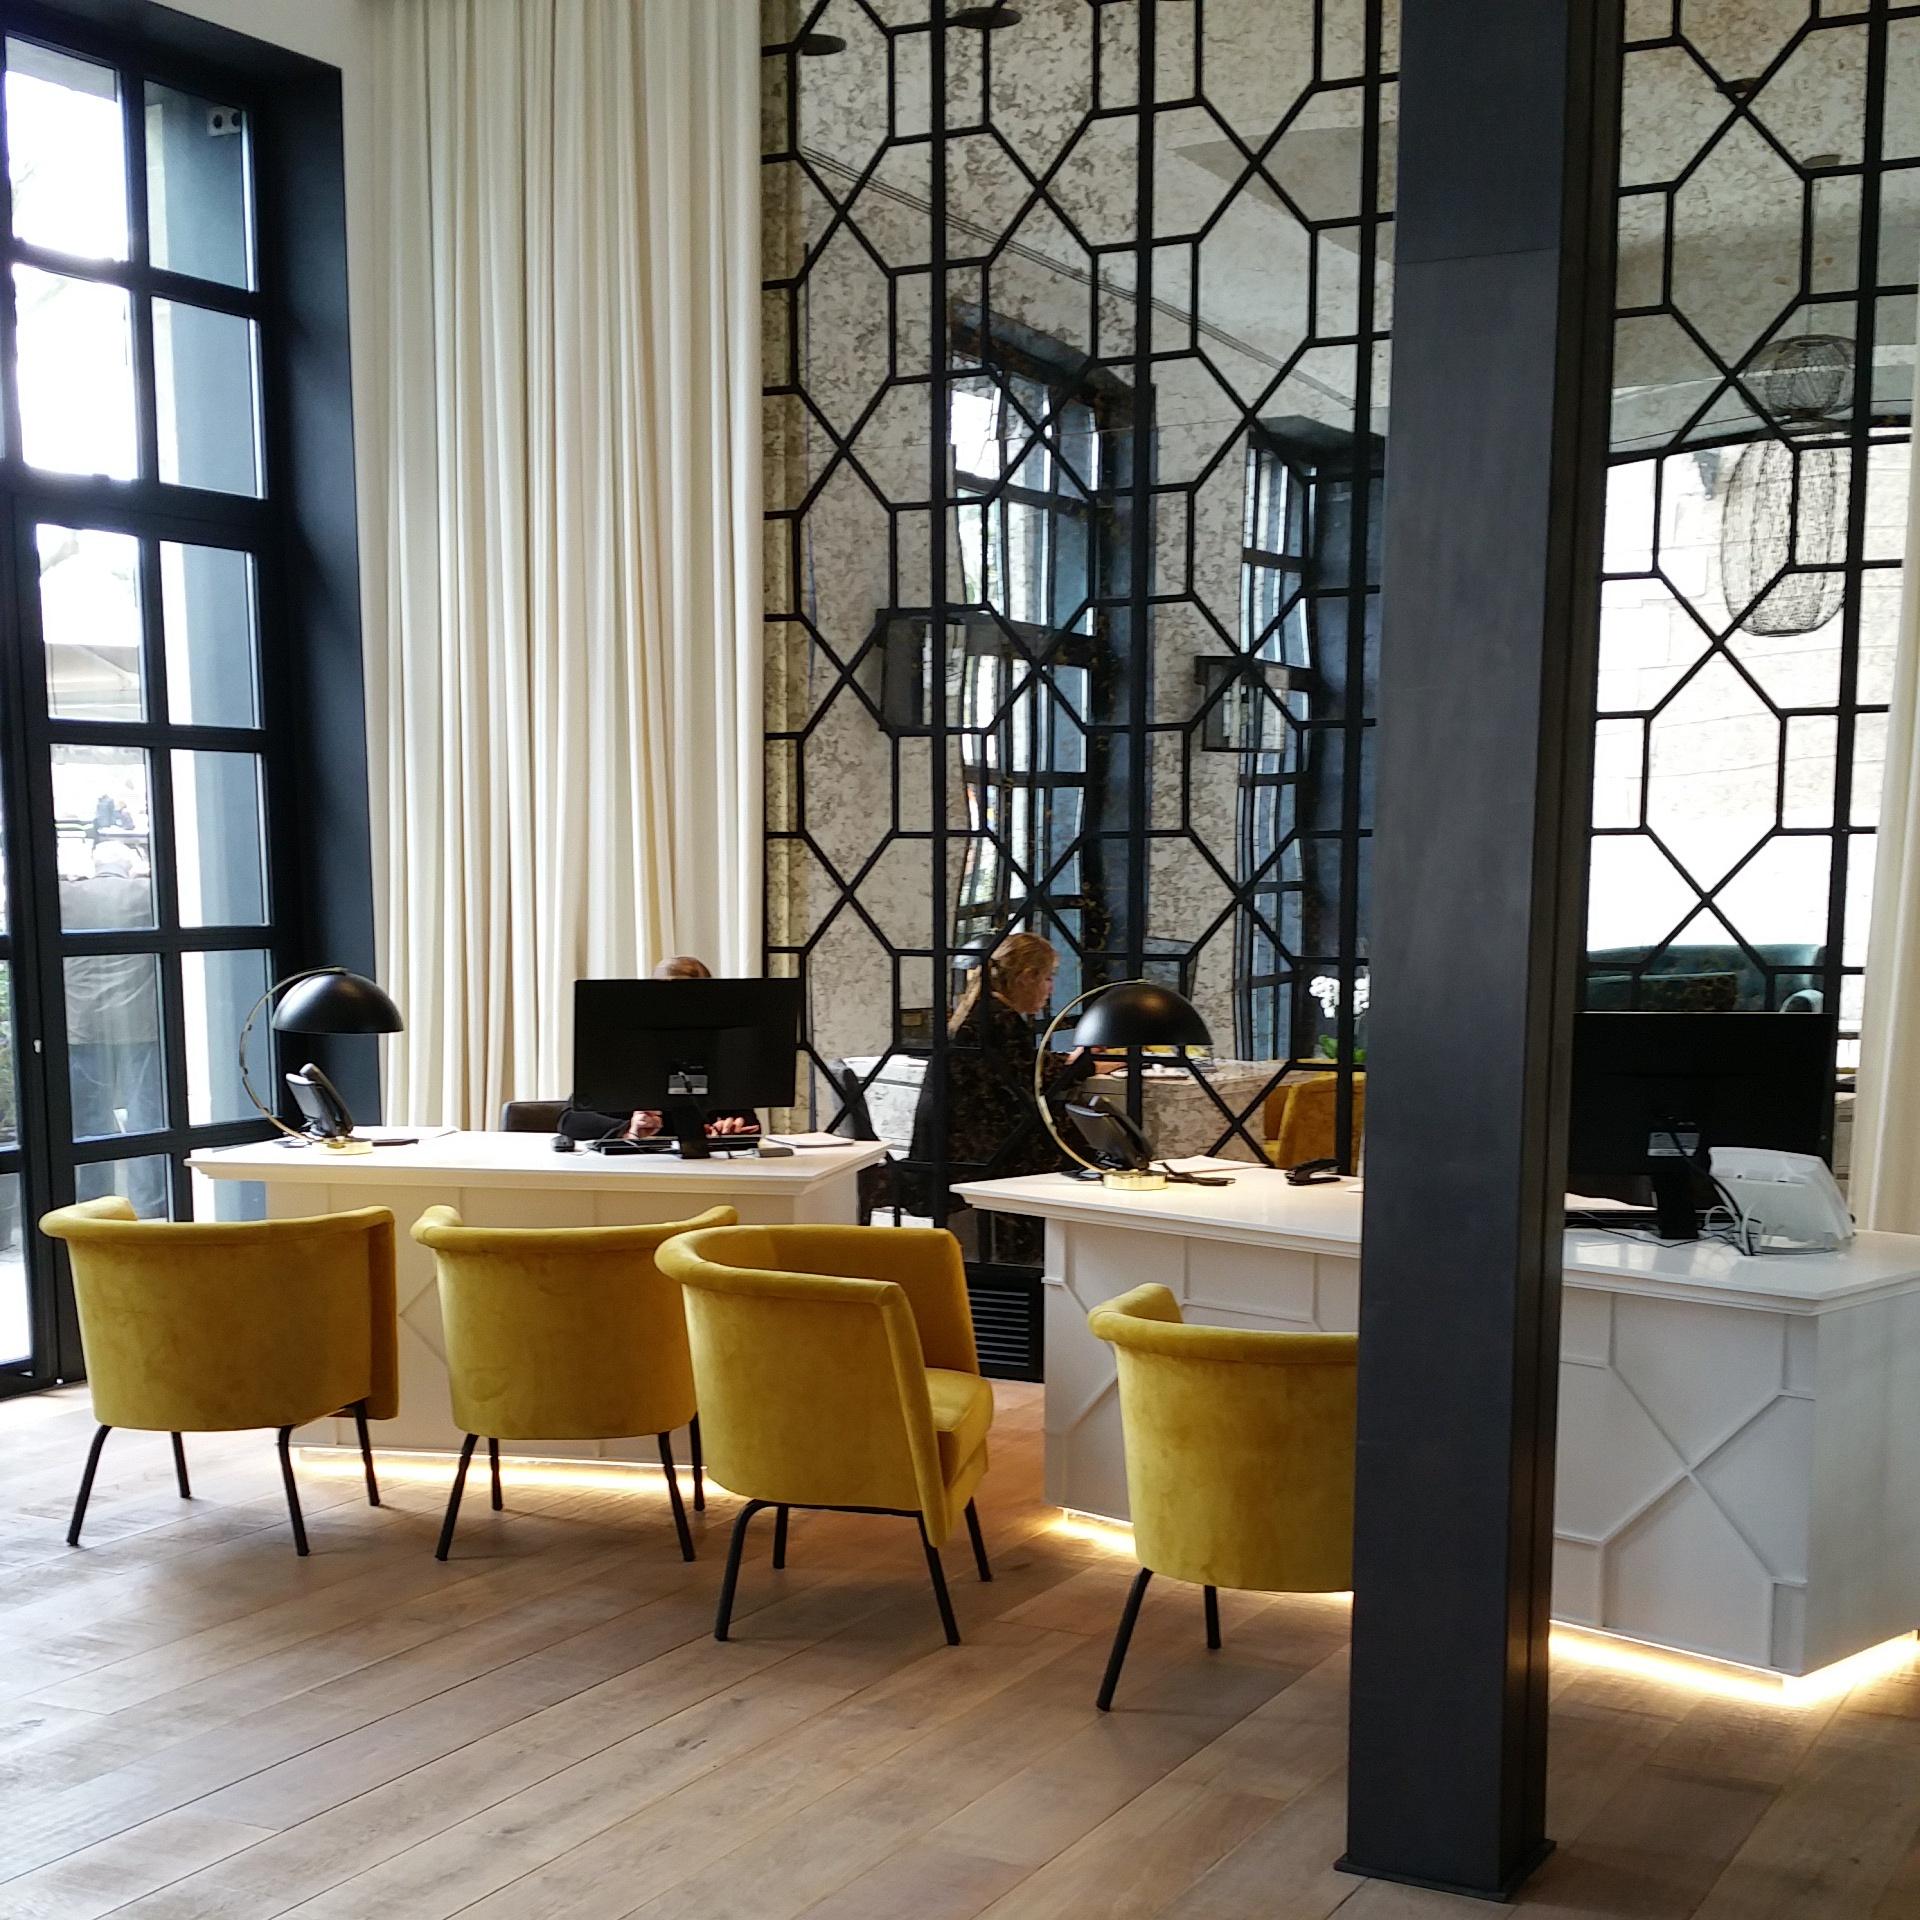 coup de c ur pour l h tel the serras barcelone. Black Bedroom Furniture Sets. Home Design Ideas